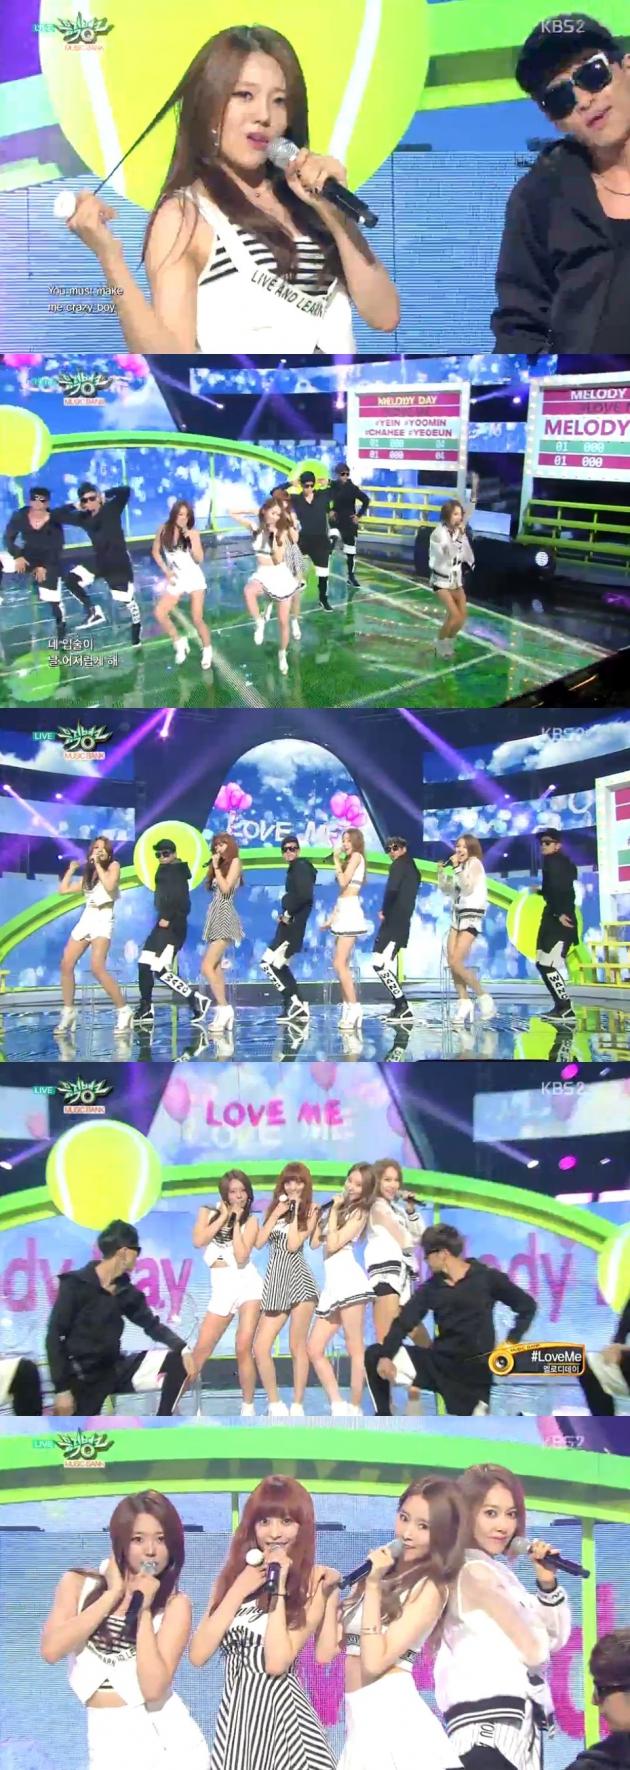 뮤직뱅크 멜로디데이 / 뮤직뱅크 멜로디데이 사진=KBS2 방송 캡처